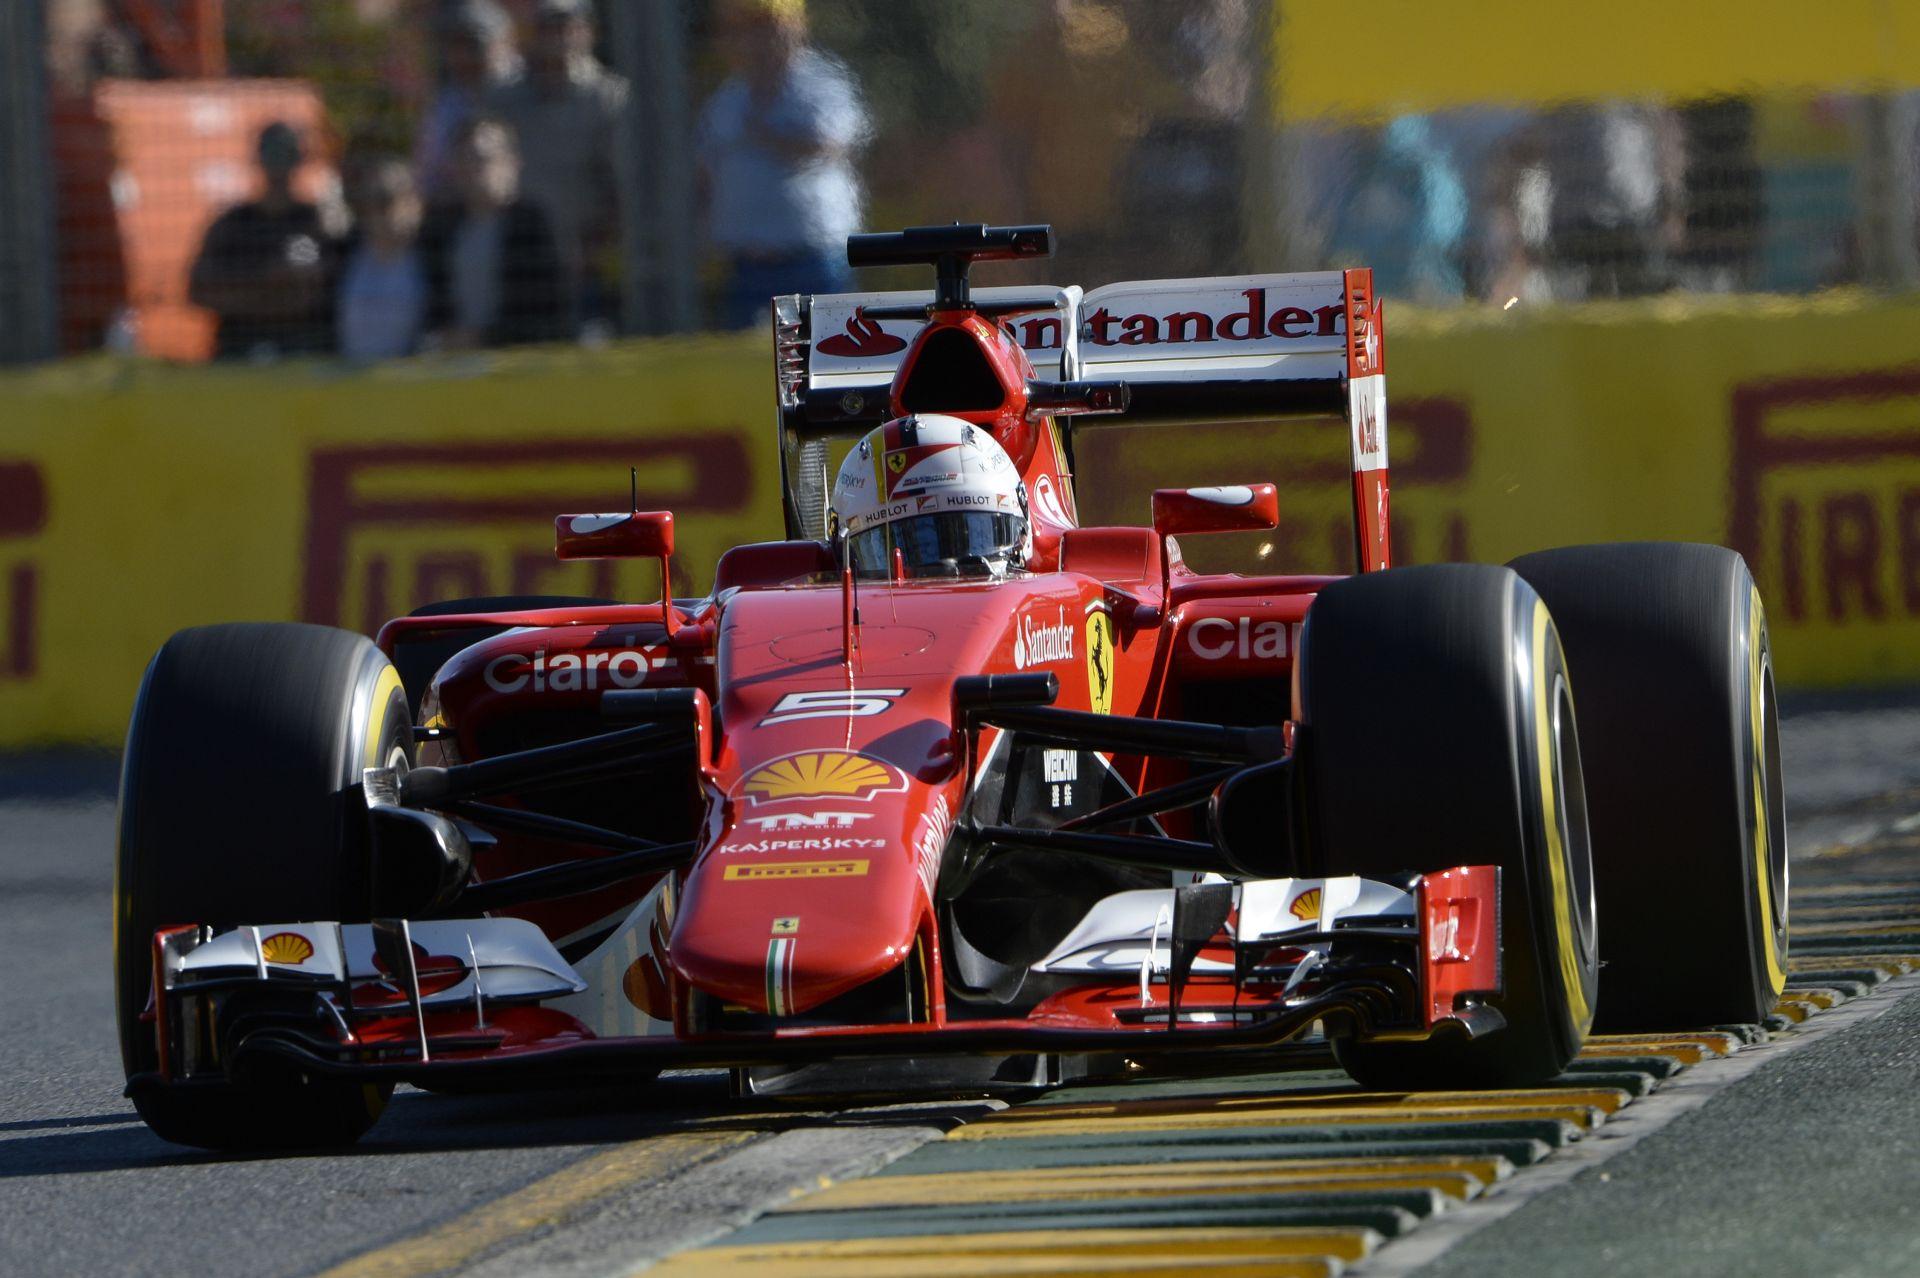 Ausztrál Nagydíj 2015: Kövesd ÉLŐBEN az idei év harmadik F1-es szabadedzését (04:00)